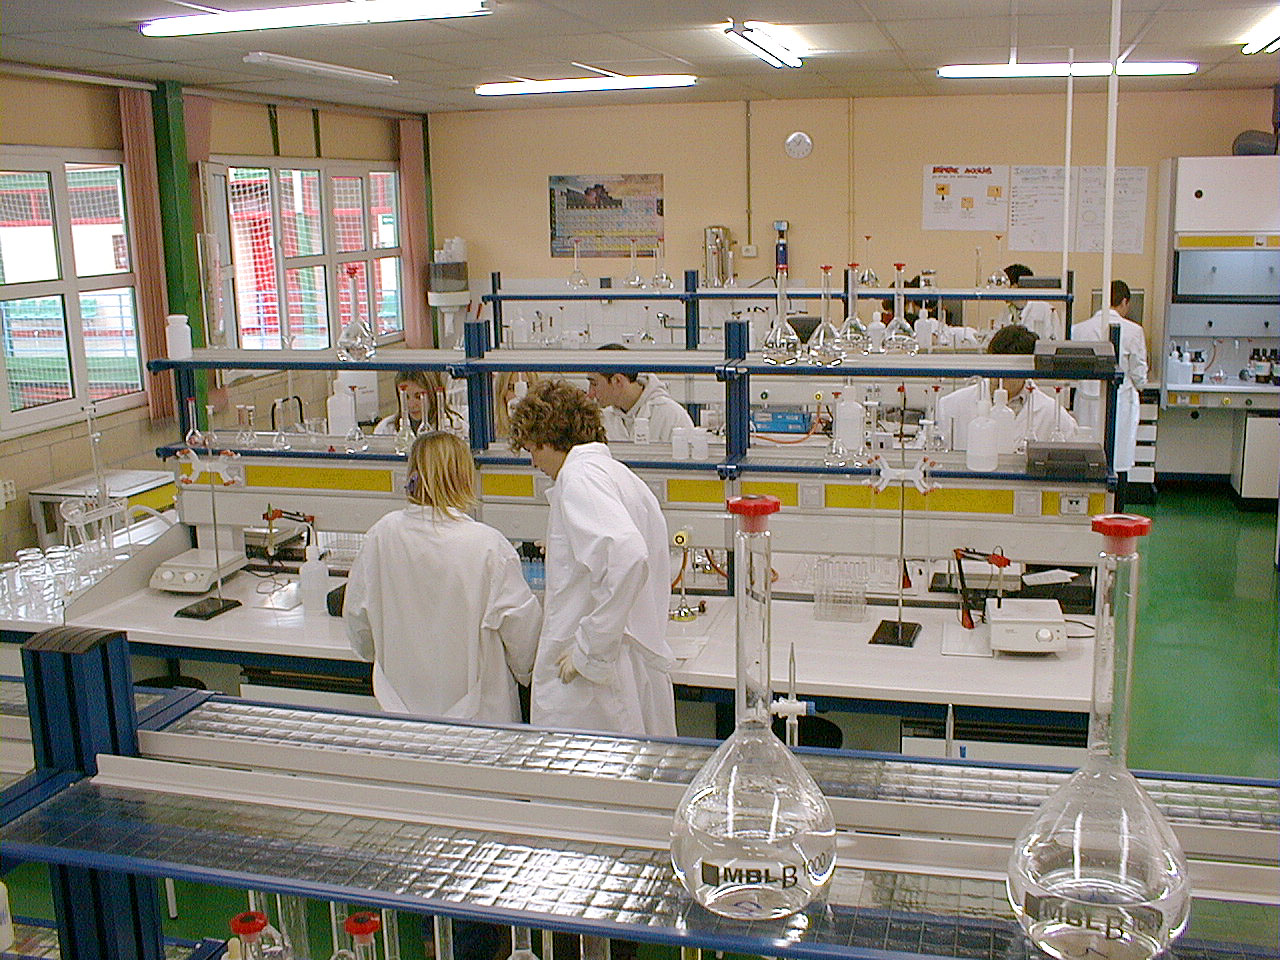 Curso de qu mica janet vega equipo y medidas de seguridad for Equipos de laboratorio